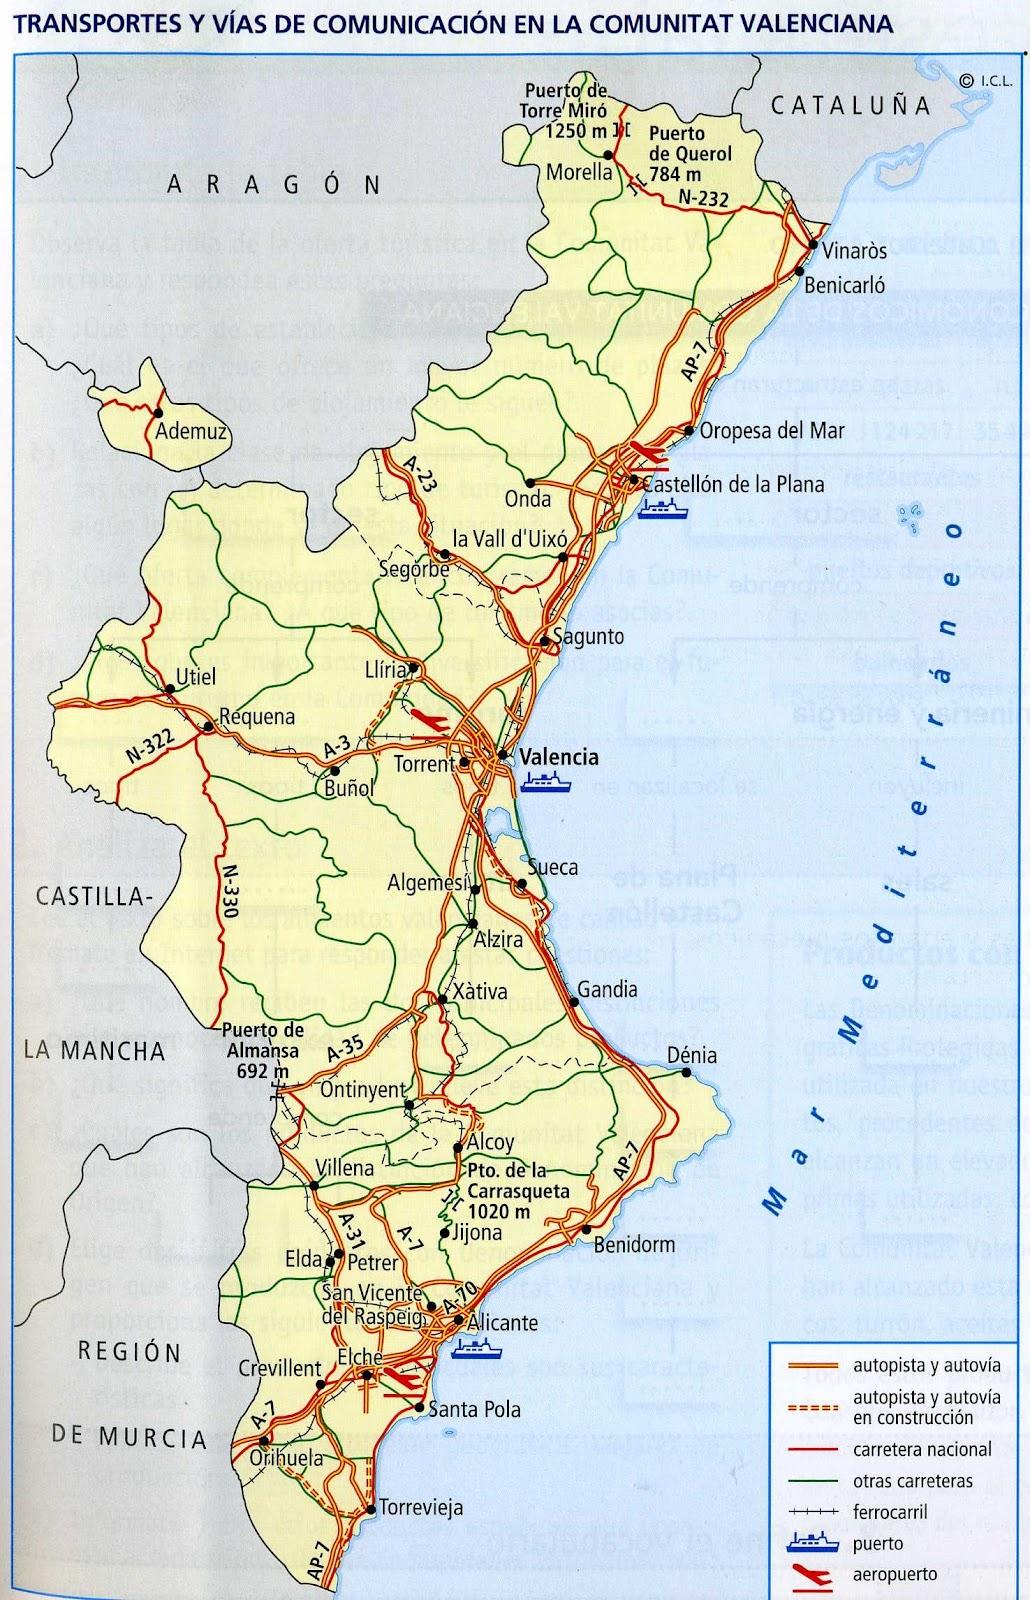 Mapa Mudo Comunidad Valenciana.Mapa Mudo Rios Comunitat Valenciana